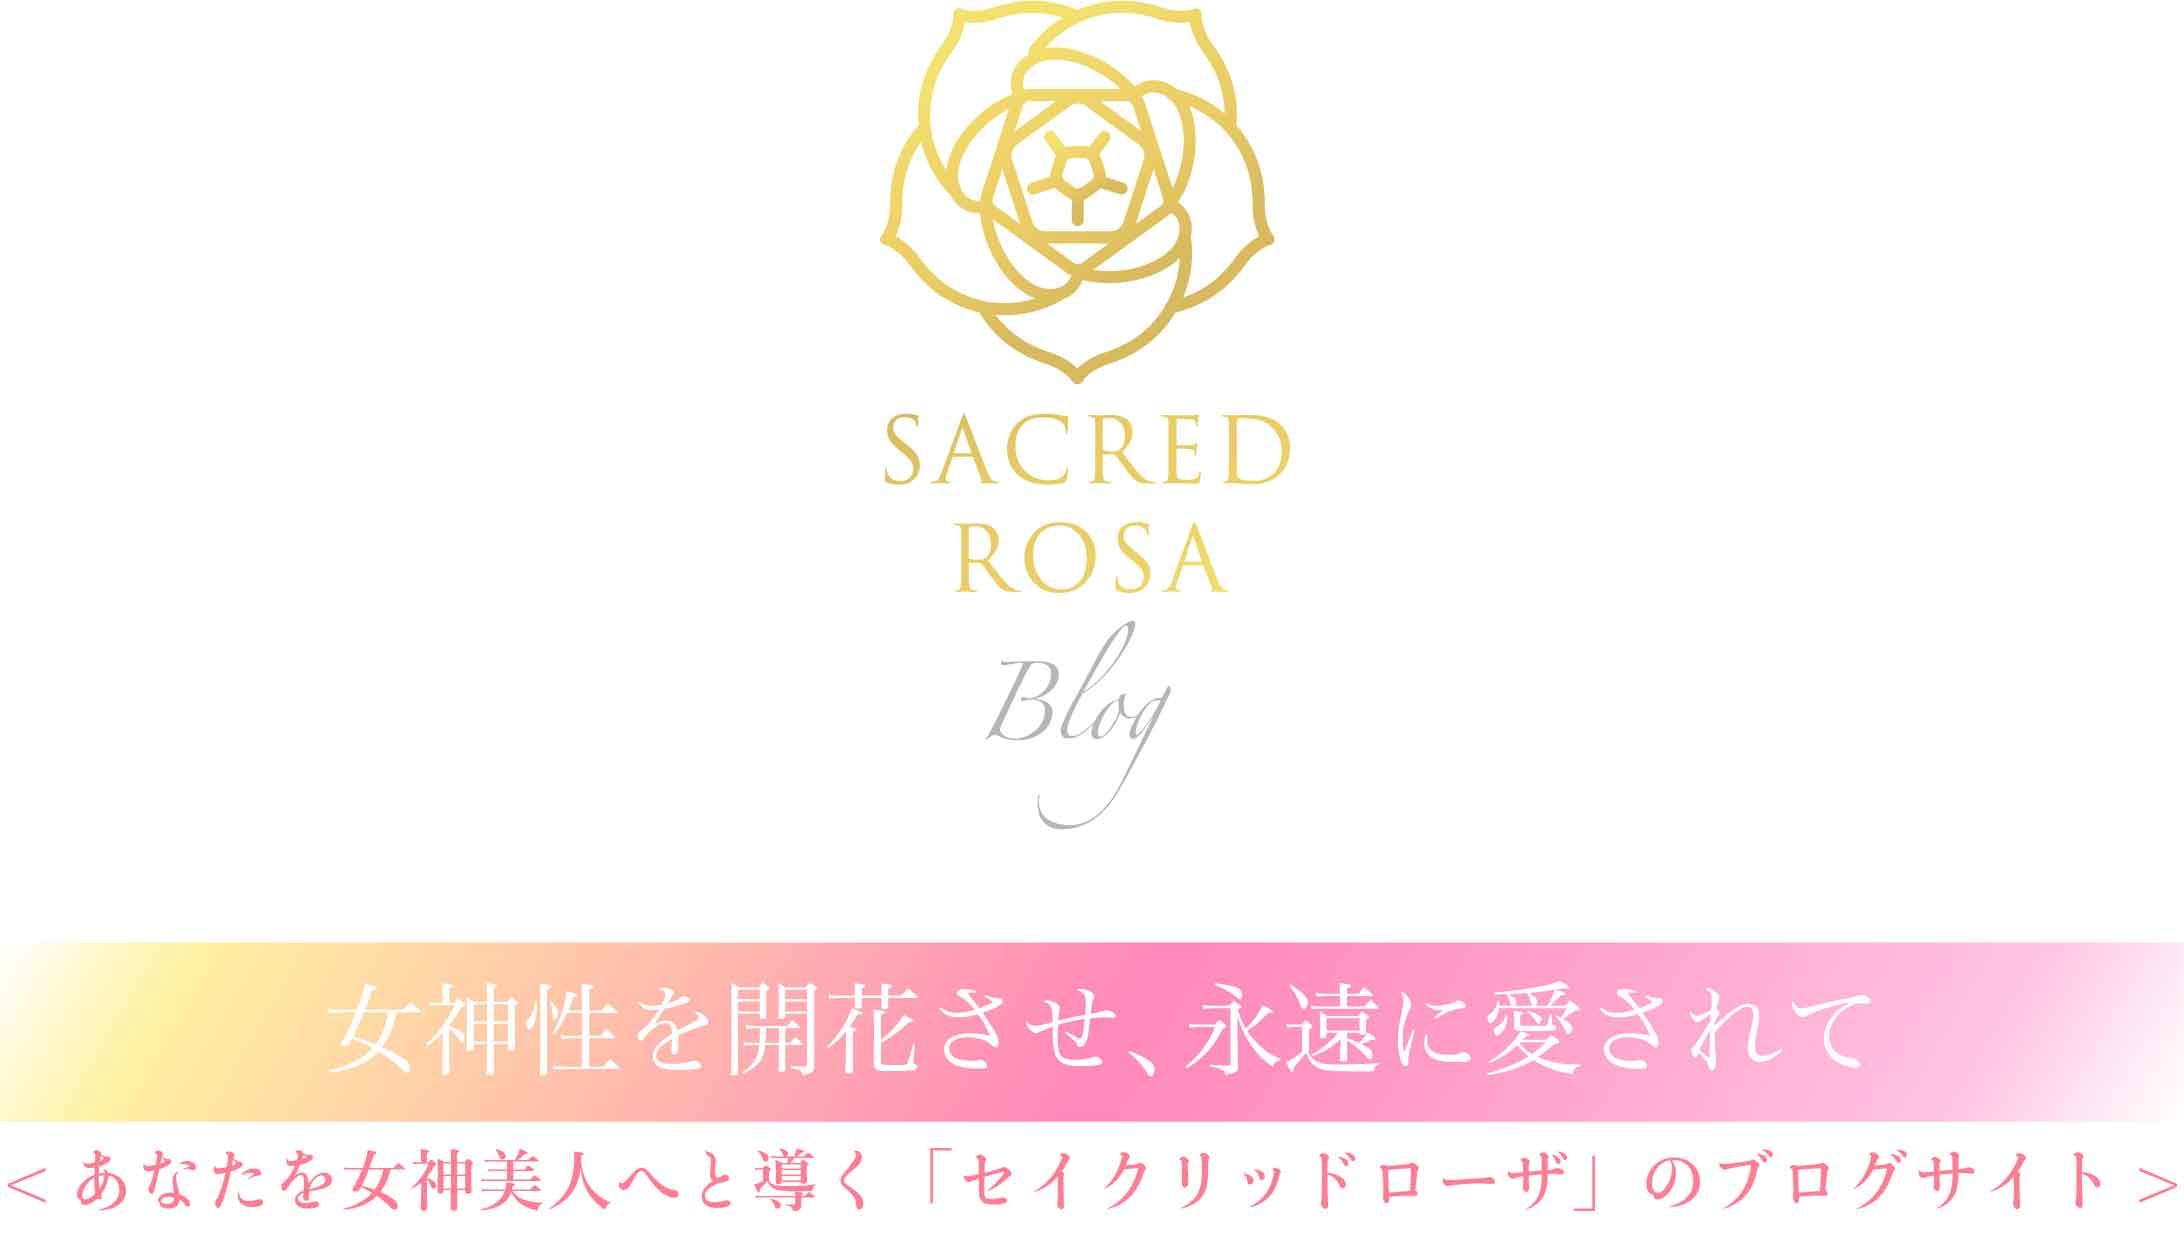 スピリチュアルコラム《あなたの女神性を花開くSACRED ROSA(セイクリッドローザ)》